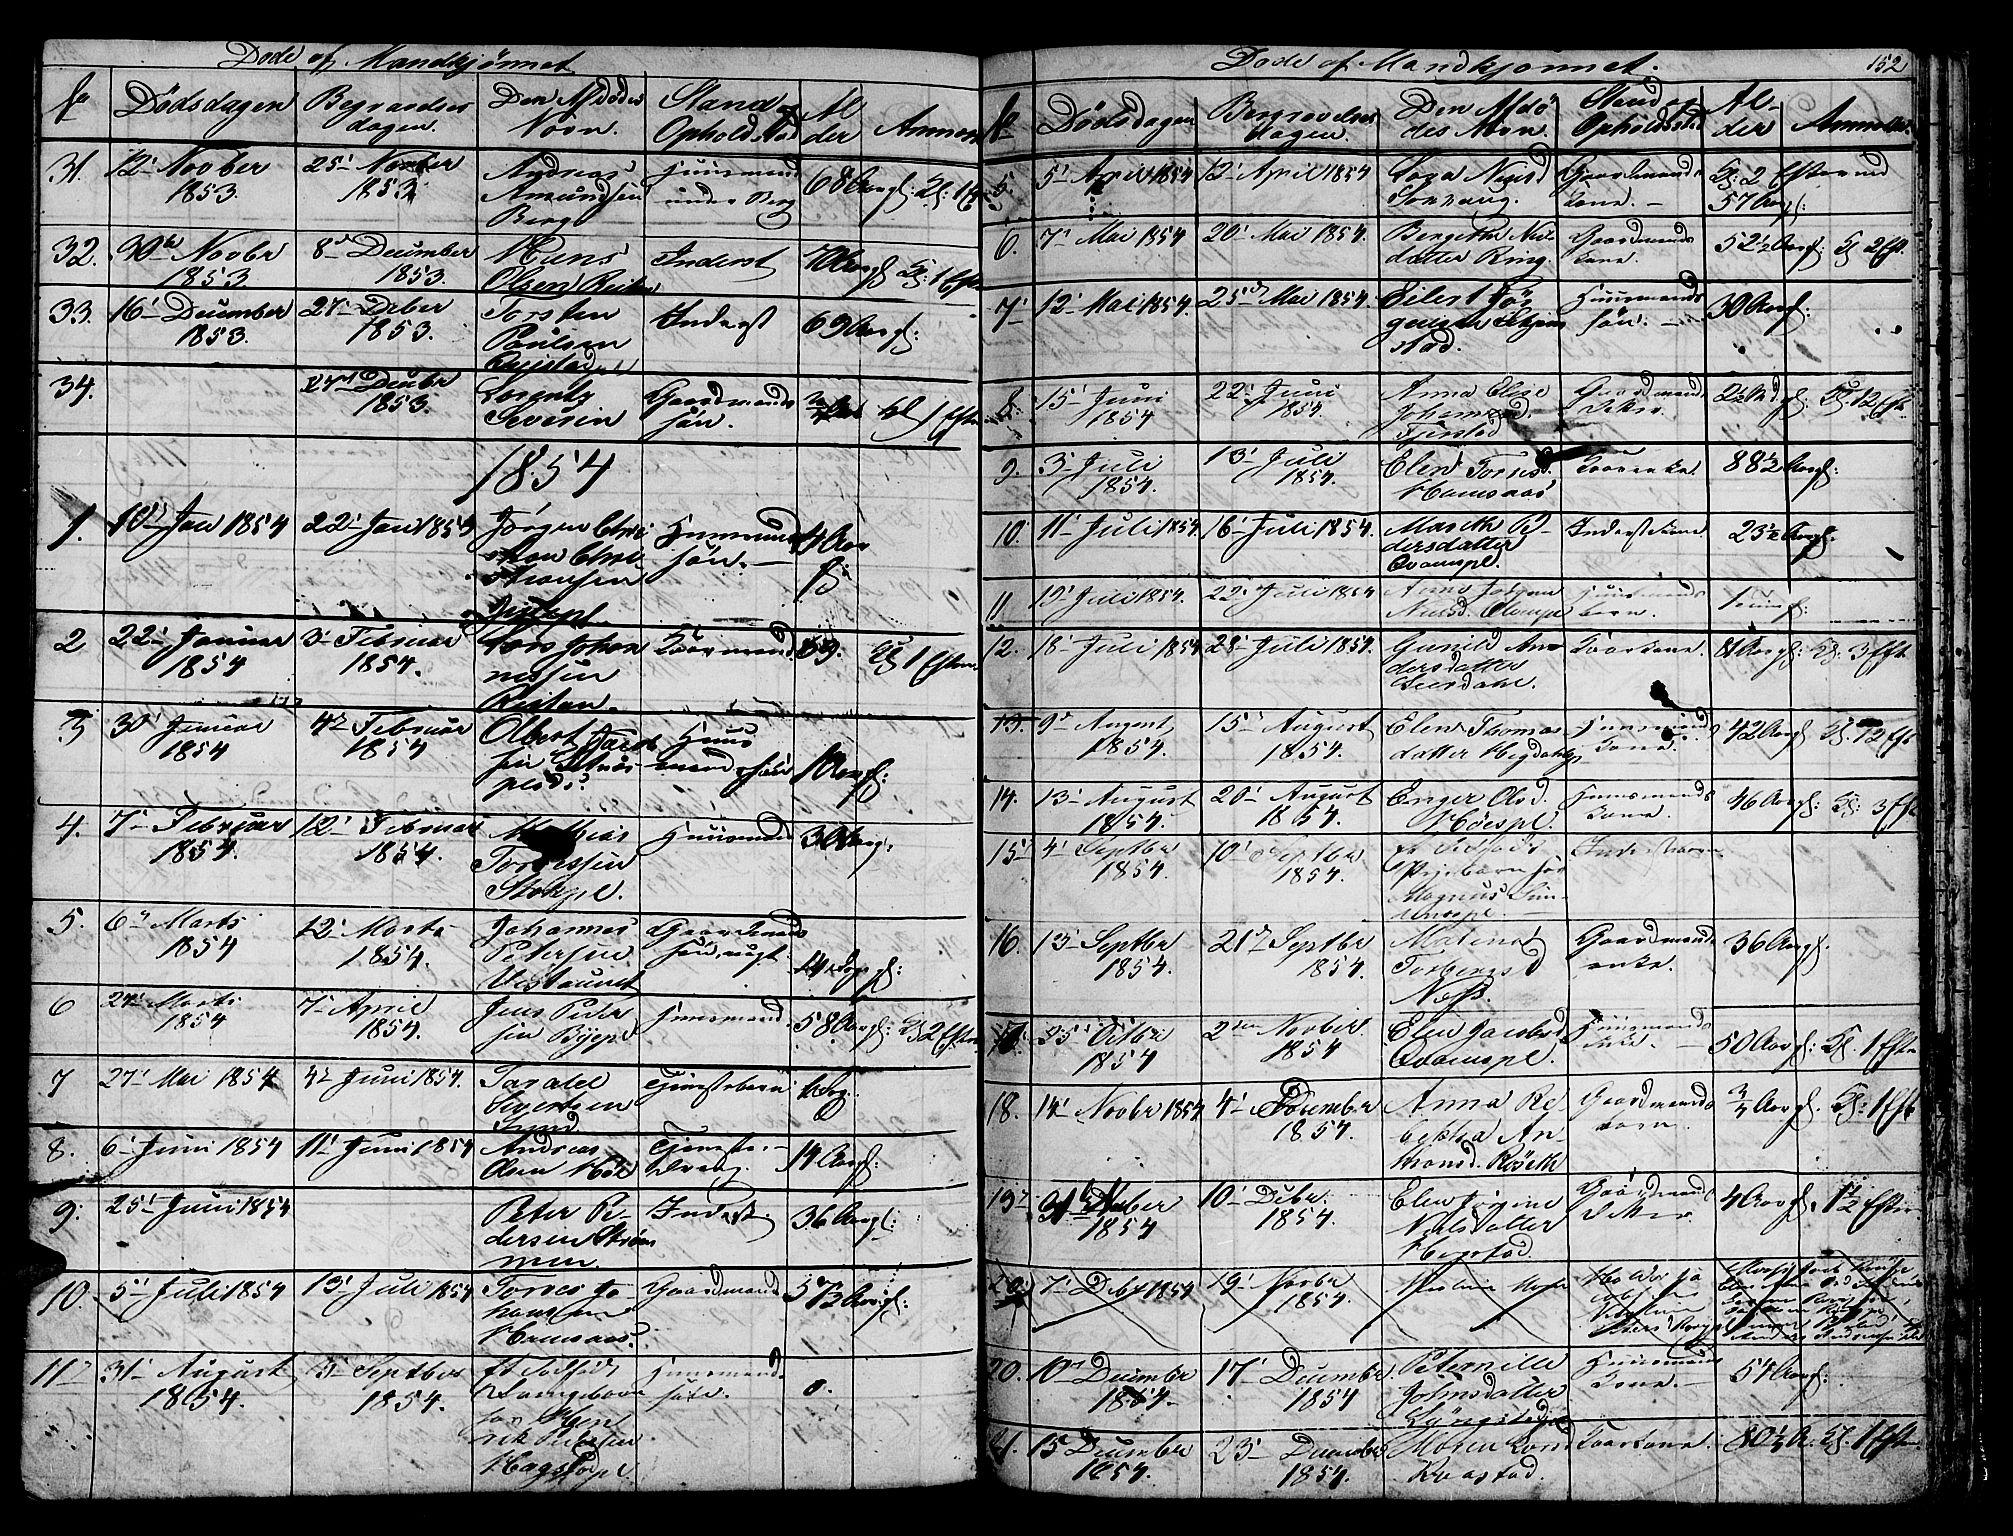 SAT, Ministerialprotokoller, klokkerbøker og fødselsregistre - Nord-Trøndelag, 730/L0299: Klokkerbok nr. 730C02, 1849-1871, s. 152